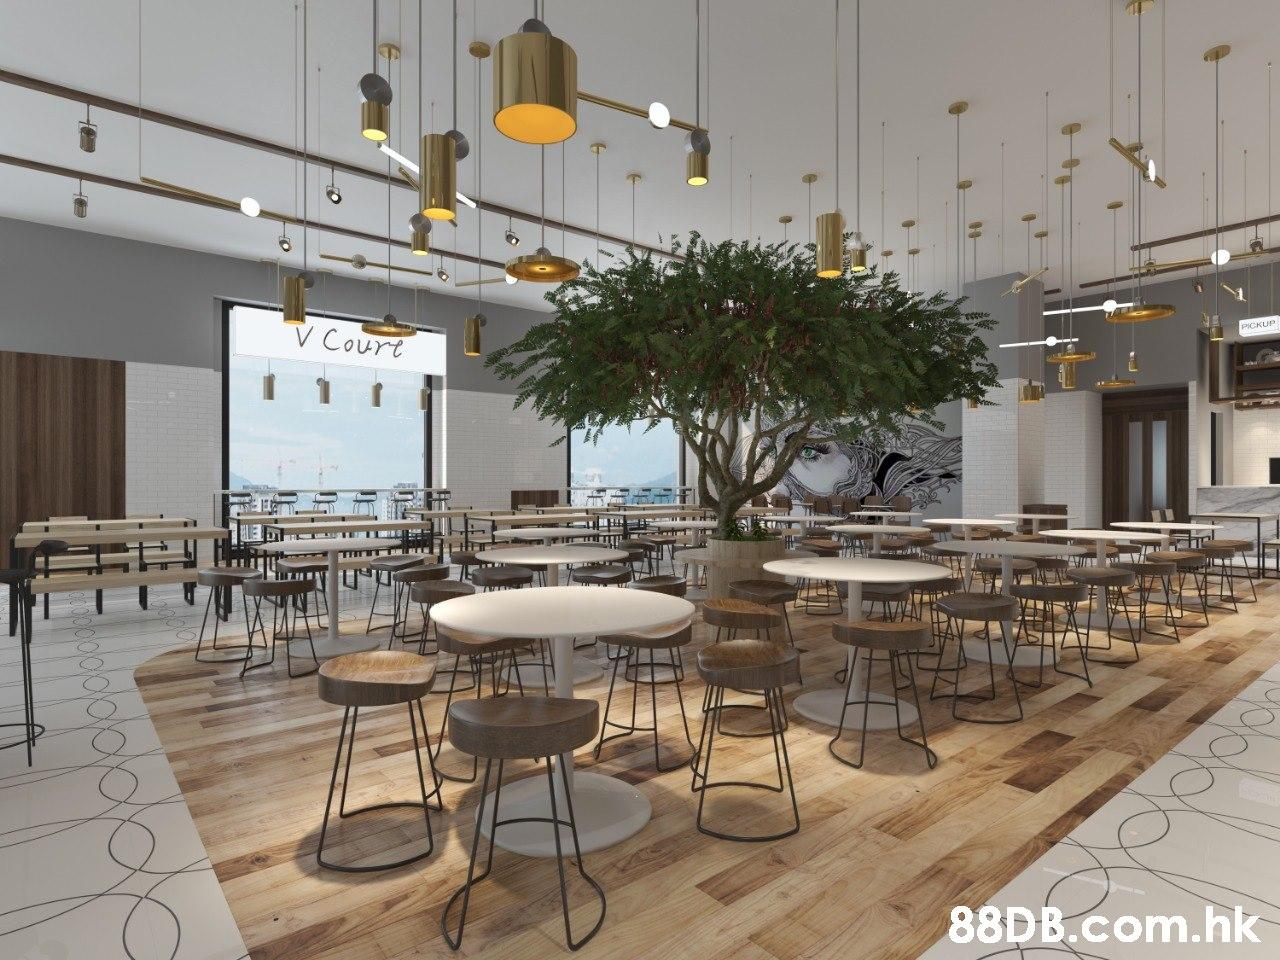 V Court .hk  Interior design,Room,Furniture,Building,Table